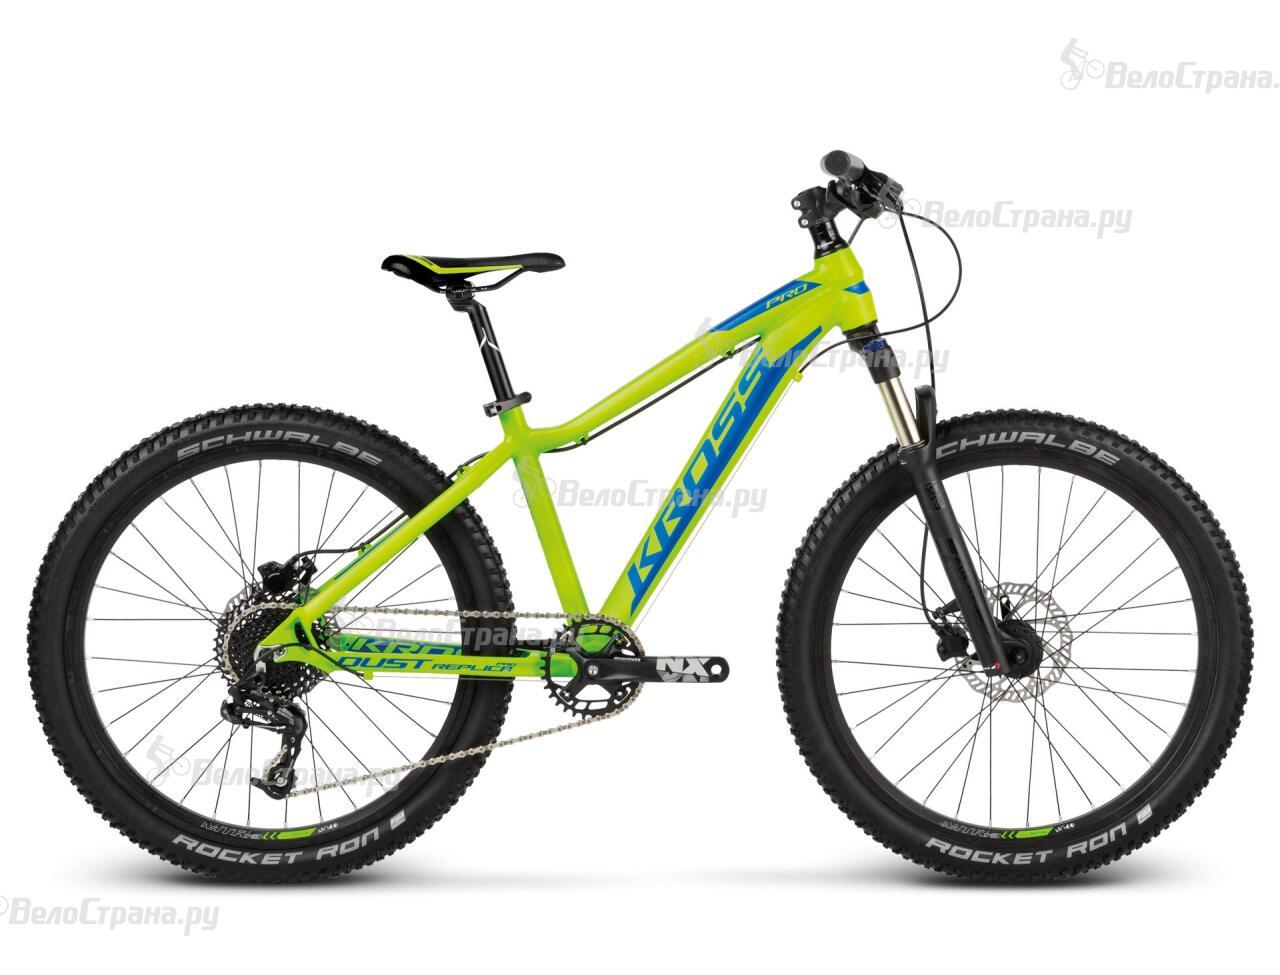 Велосипед Kross Dust Replica Pro (2017)